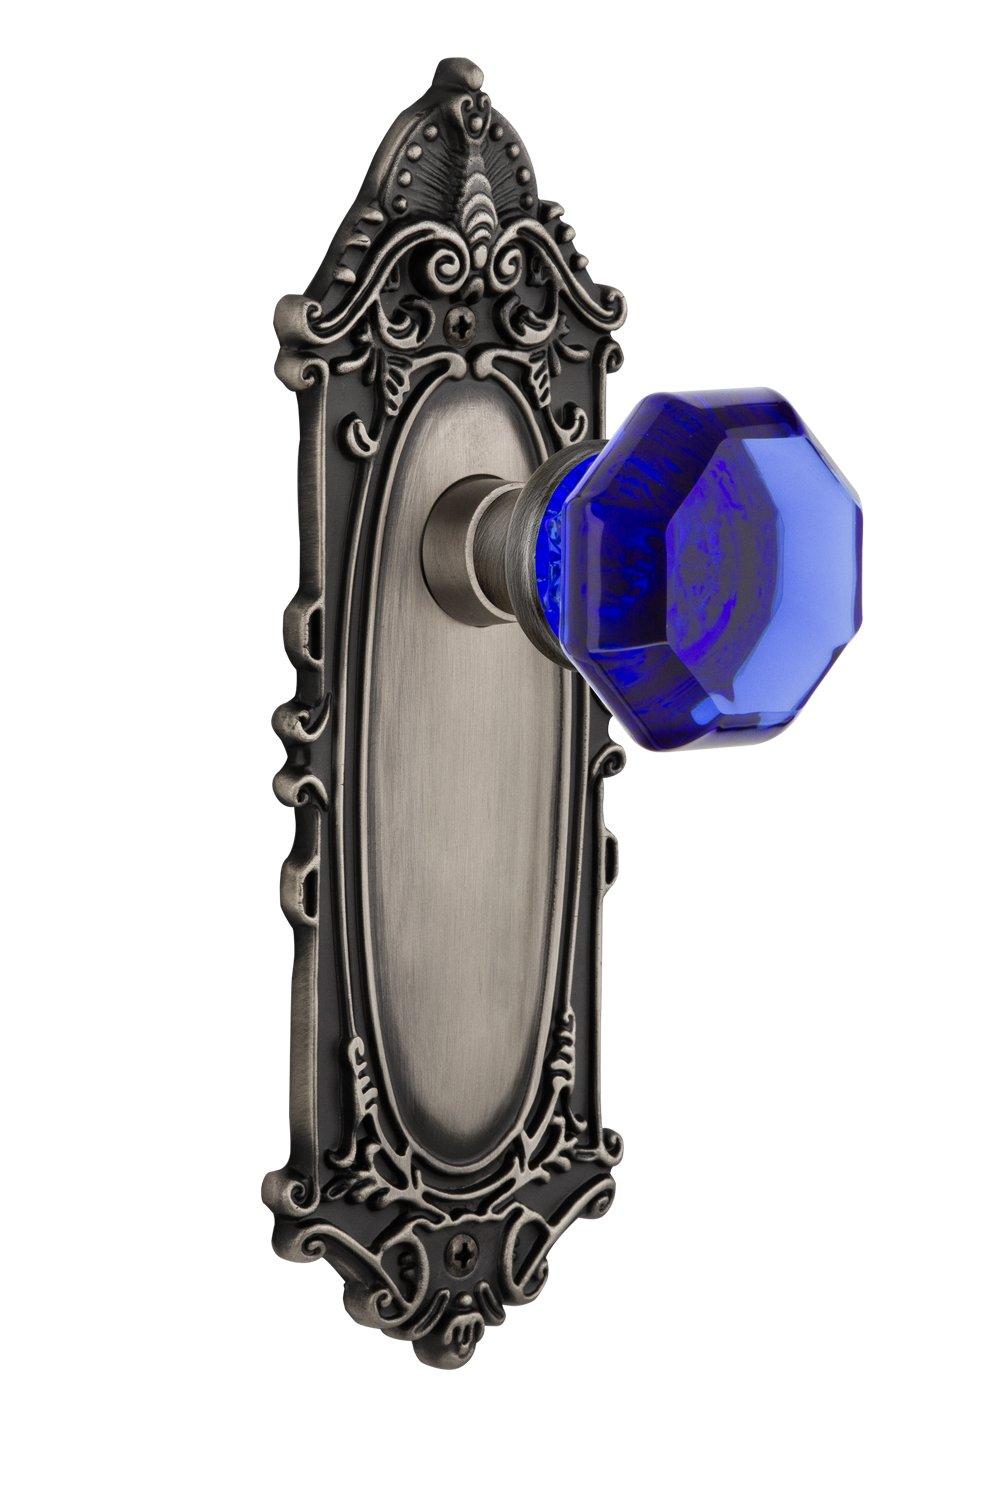 2.375 Nostalgic Warehouse 721292 Victorian Plate Passage Waldorf Cobalt Door Knob in Antique Pewter